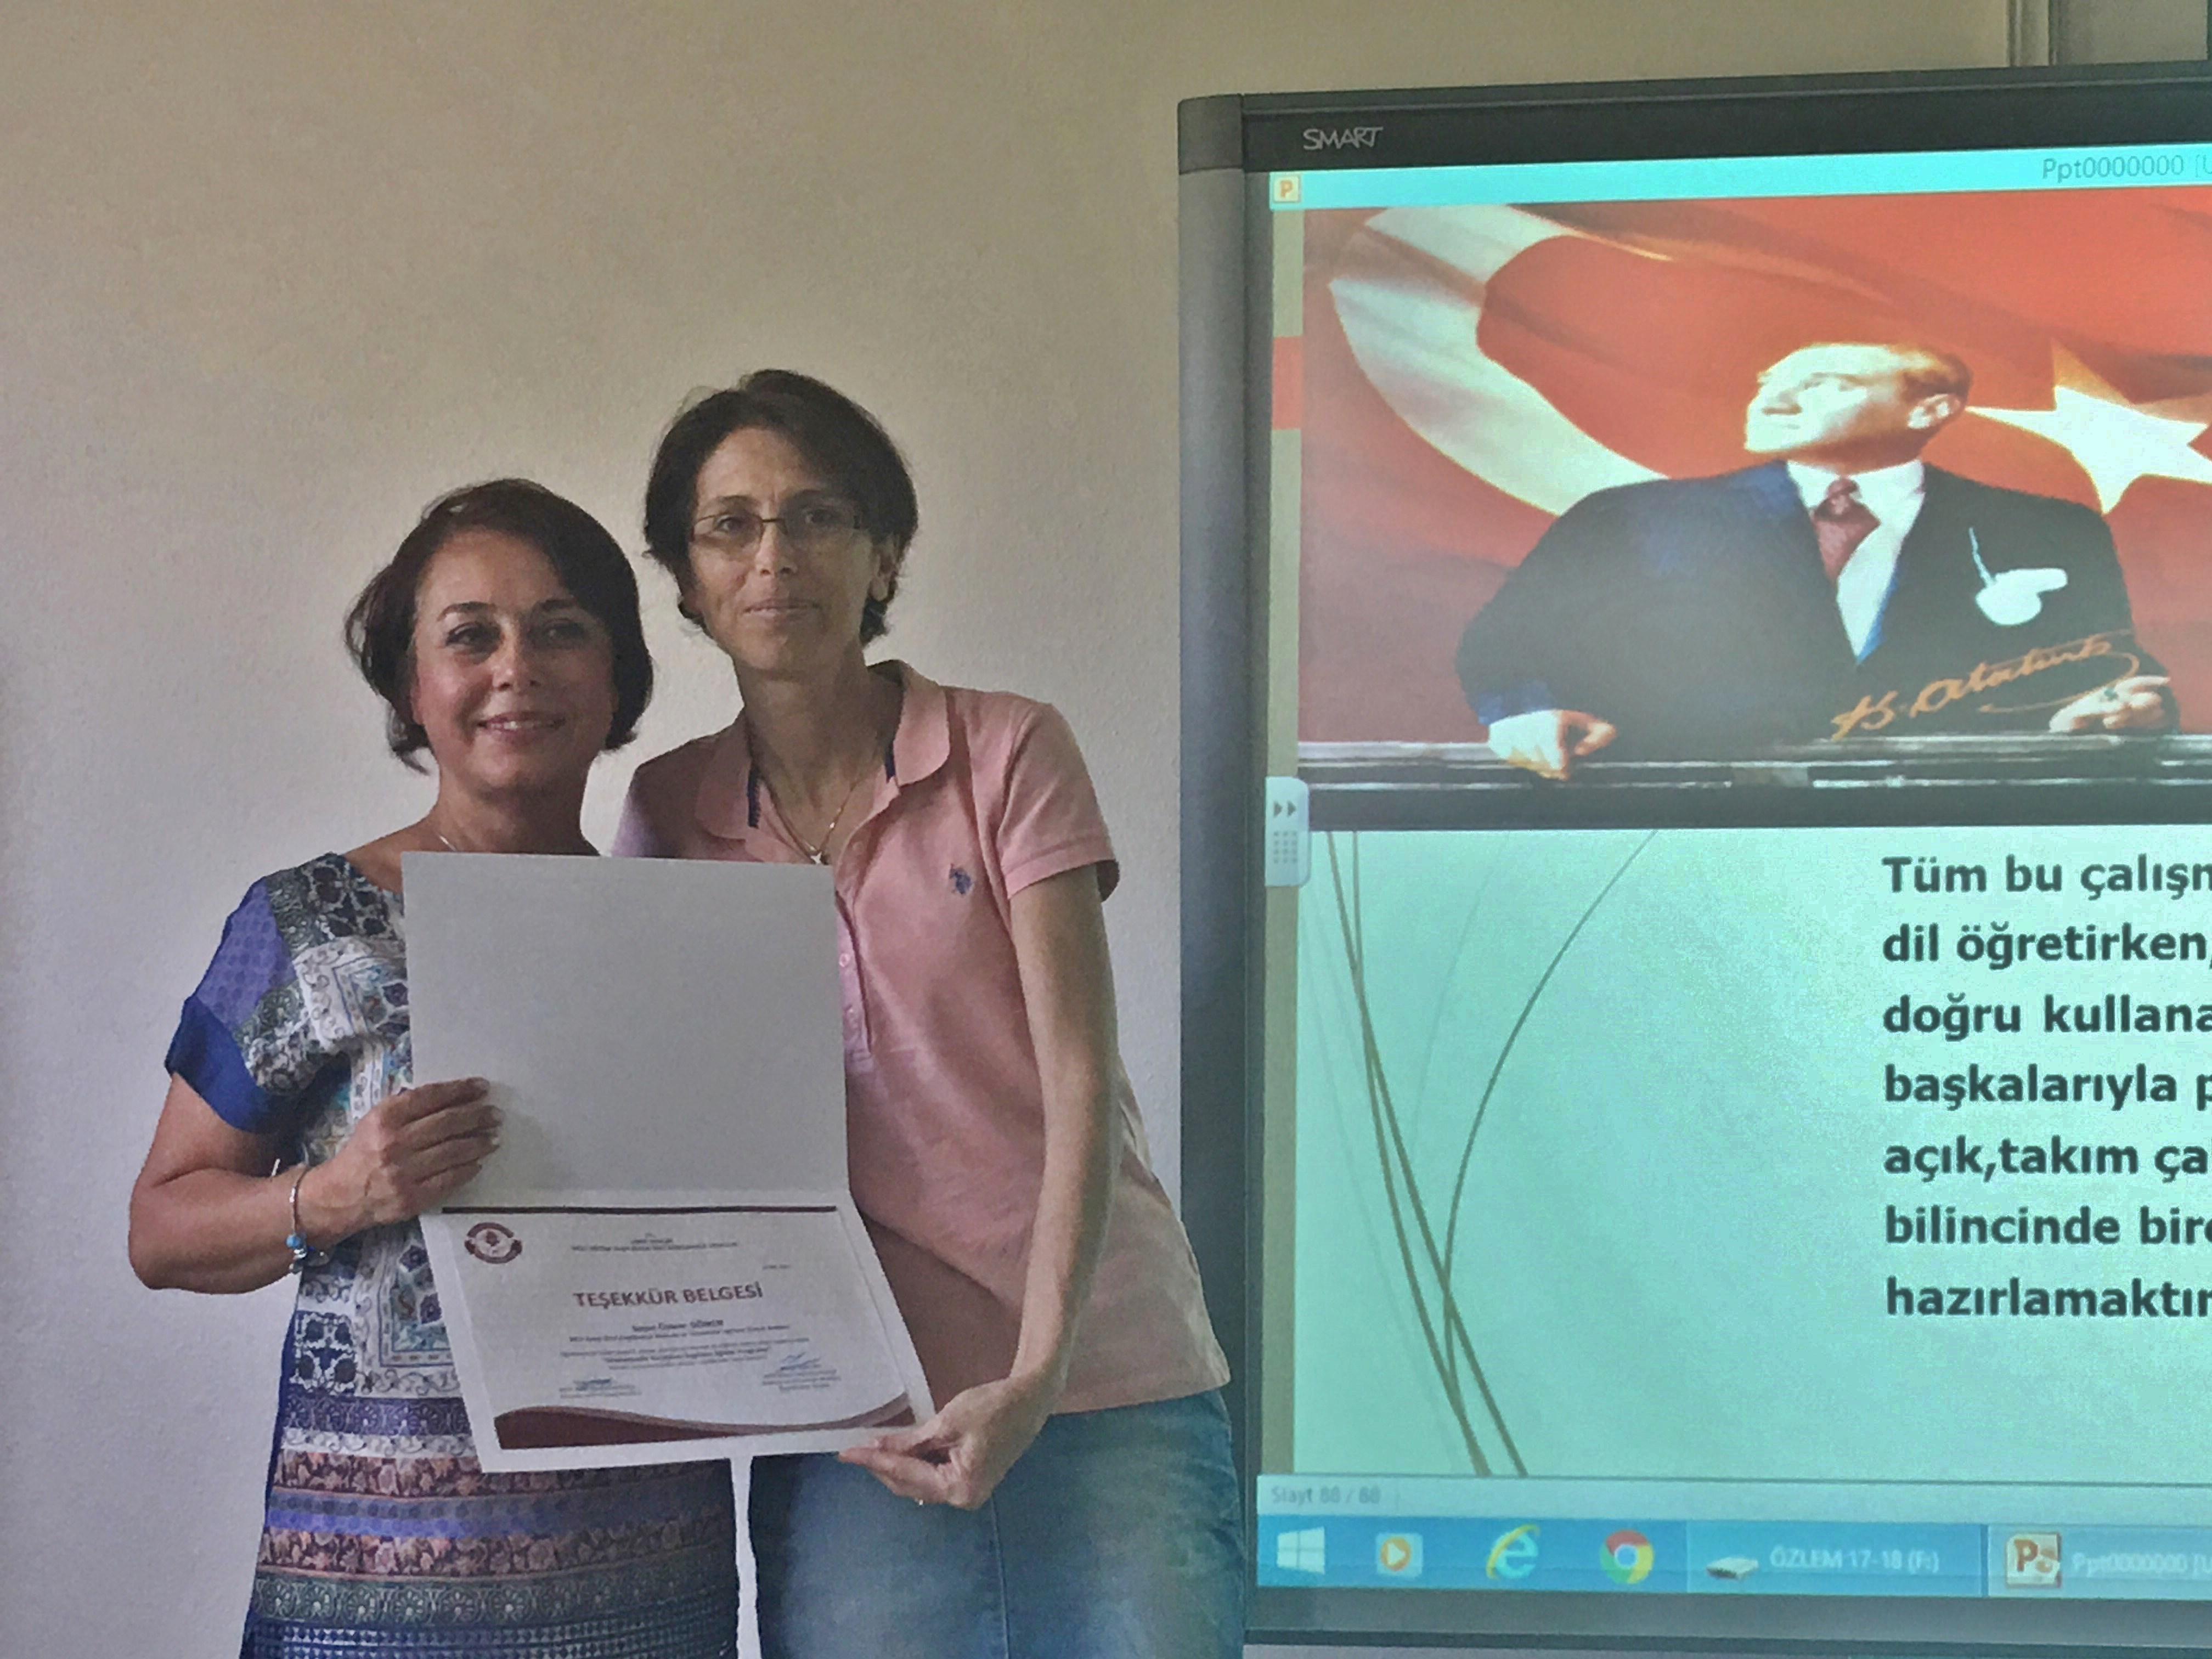 Okulumuzda Yürütülen İngilizce Eğitim Programı Hakkında Bilgi Verildi